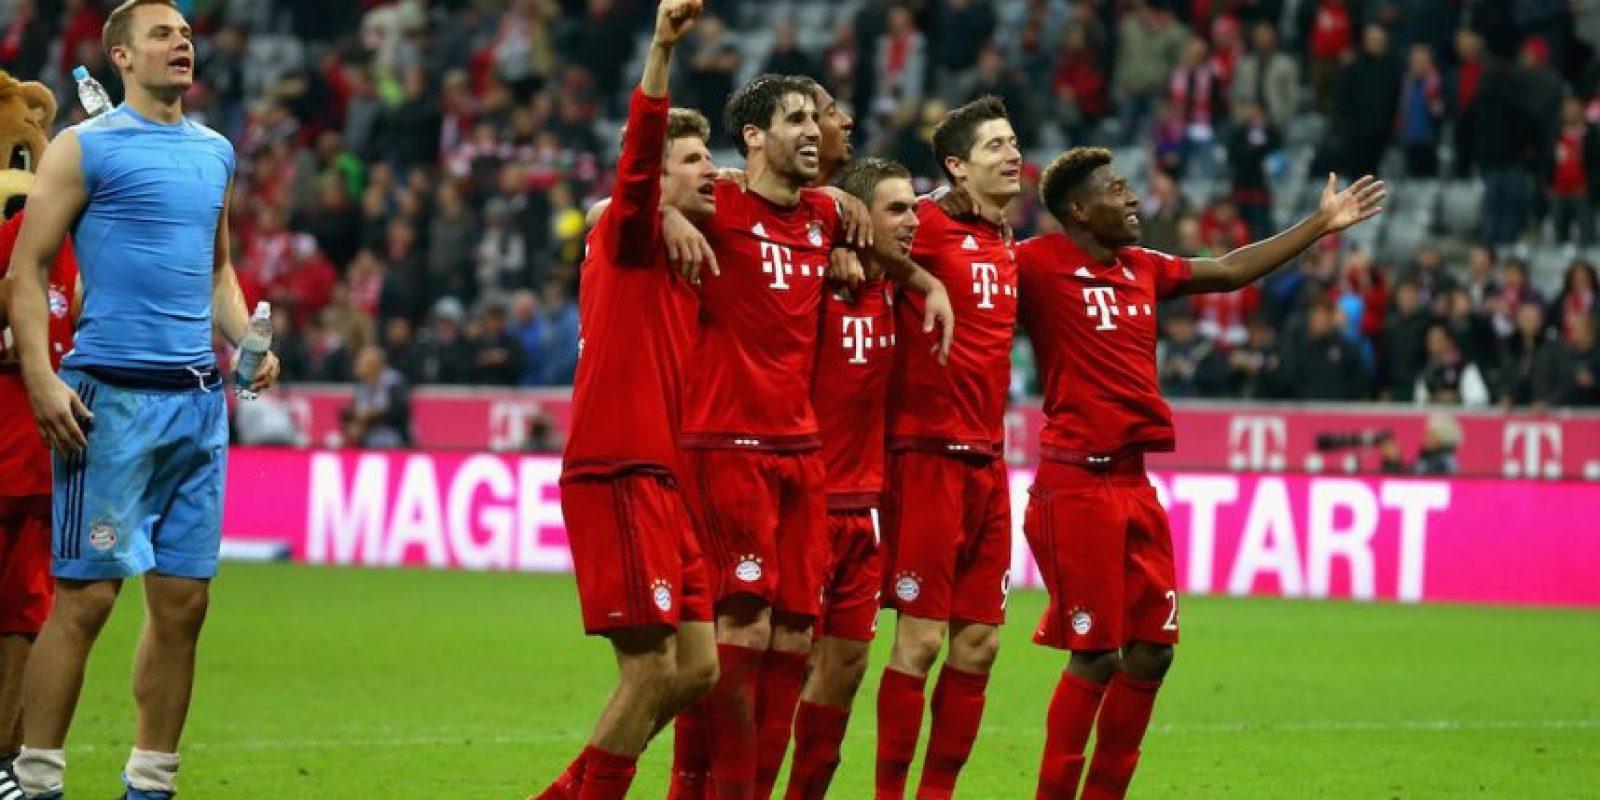 Los hombres de Pep Guardiola suman 27 puntos y están a 7 unidades del segundo lugar, Borussia Dortmund. Foto:Getty Images